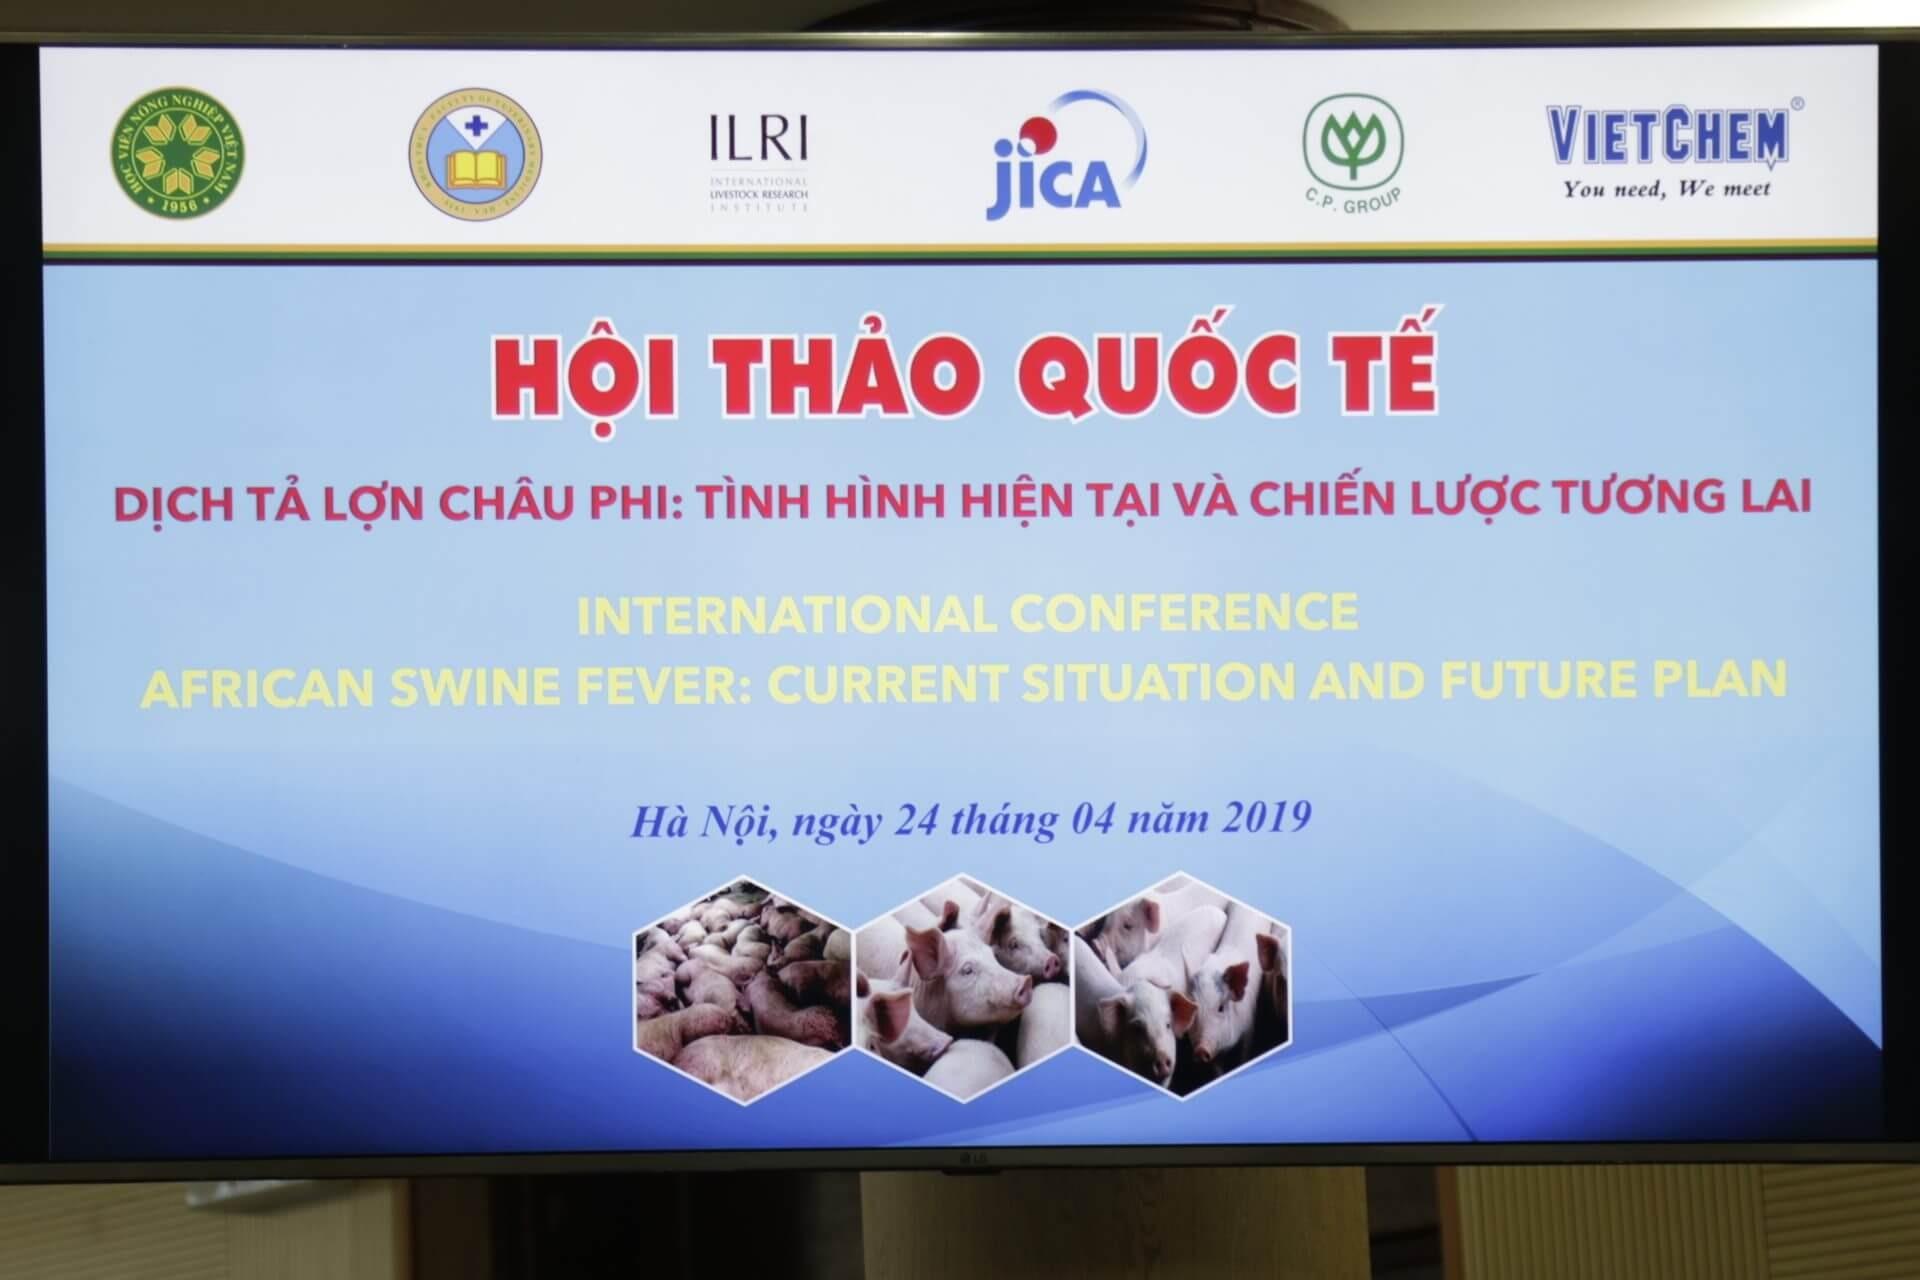 Hội thảo quốc tế dịch tả lợn châu phi tình hình hiện tại và chiến lược tương lai 1